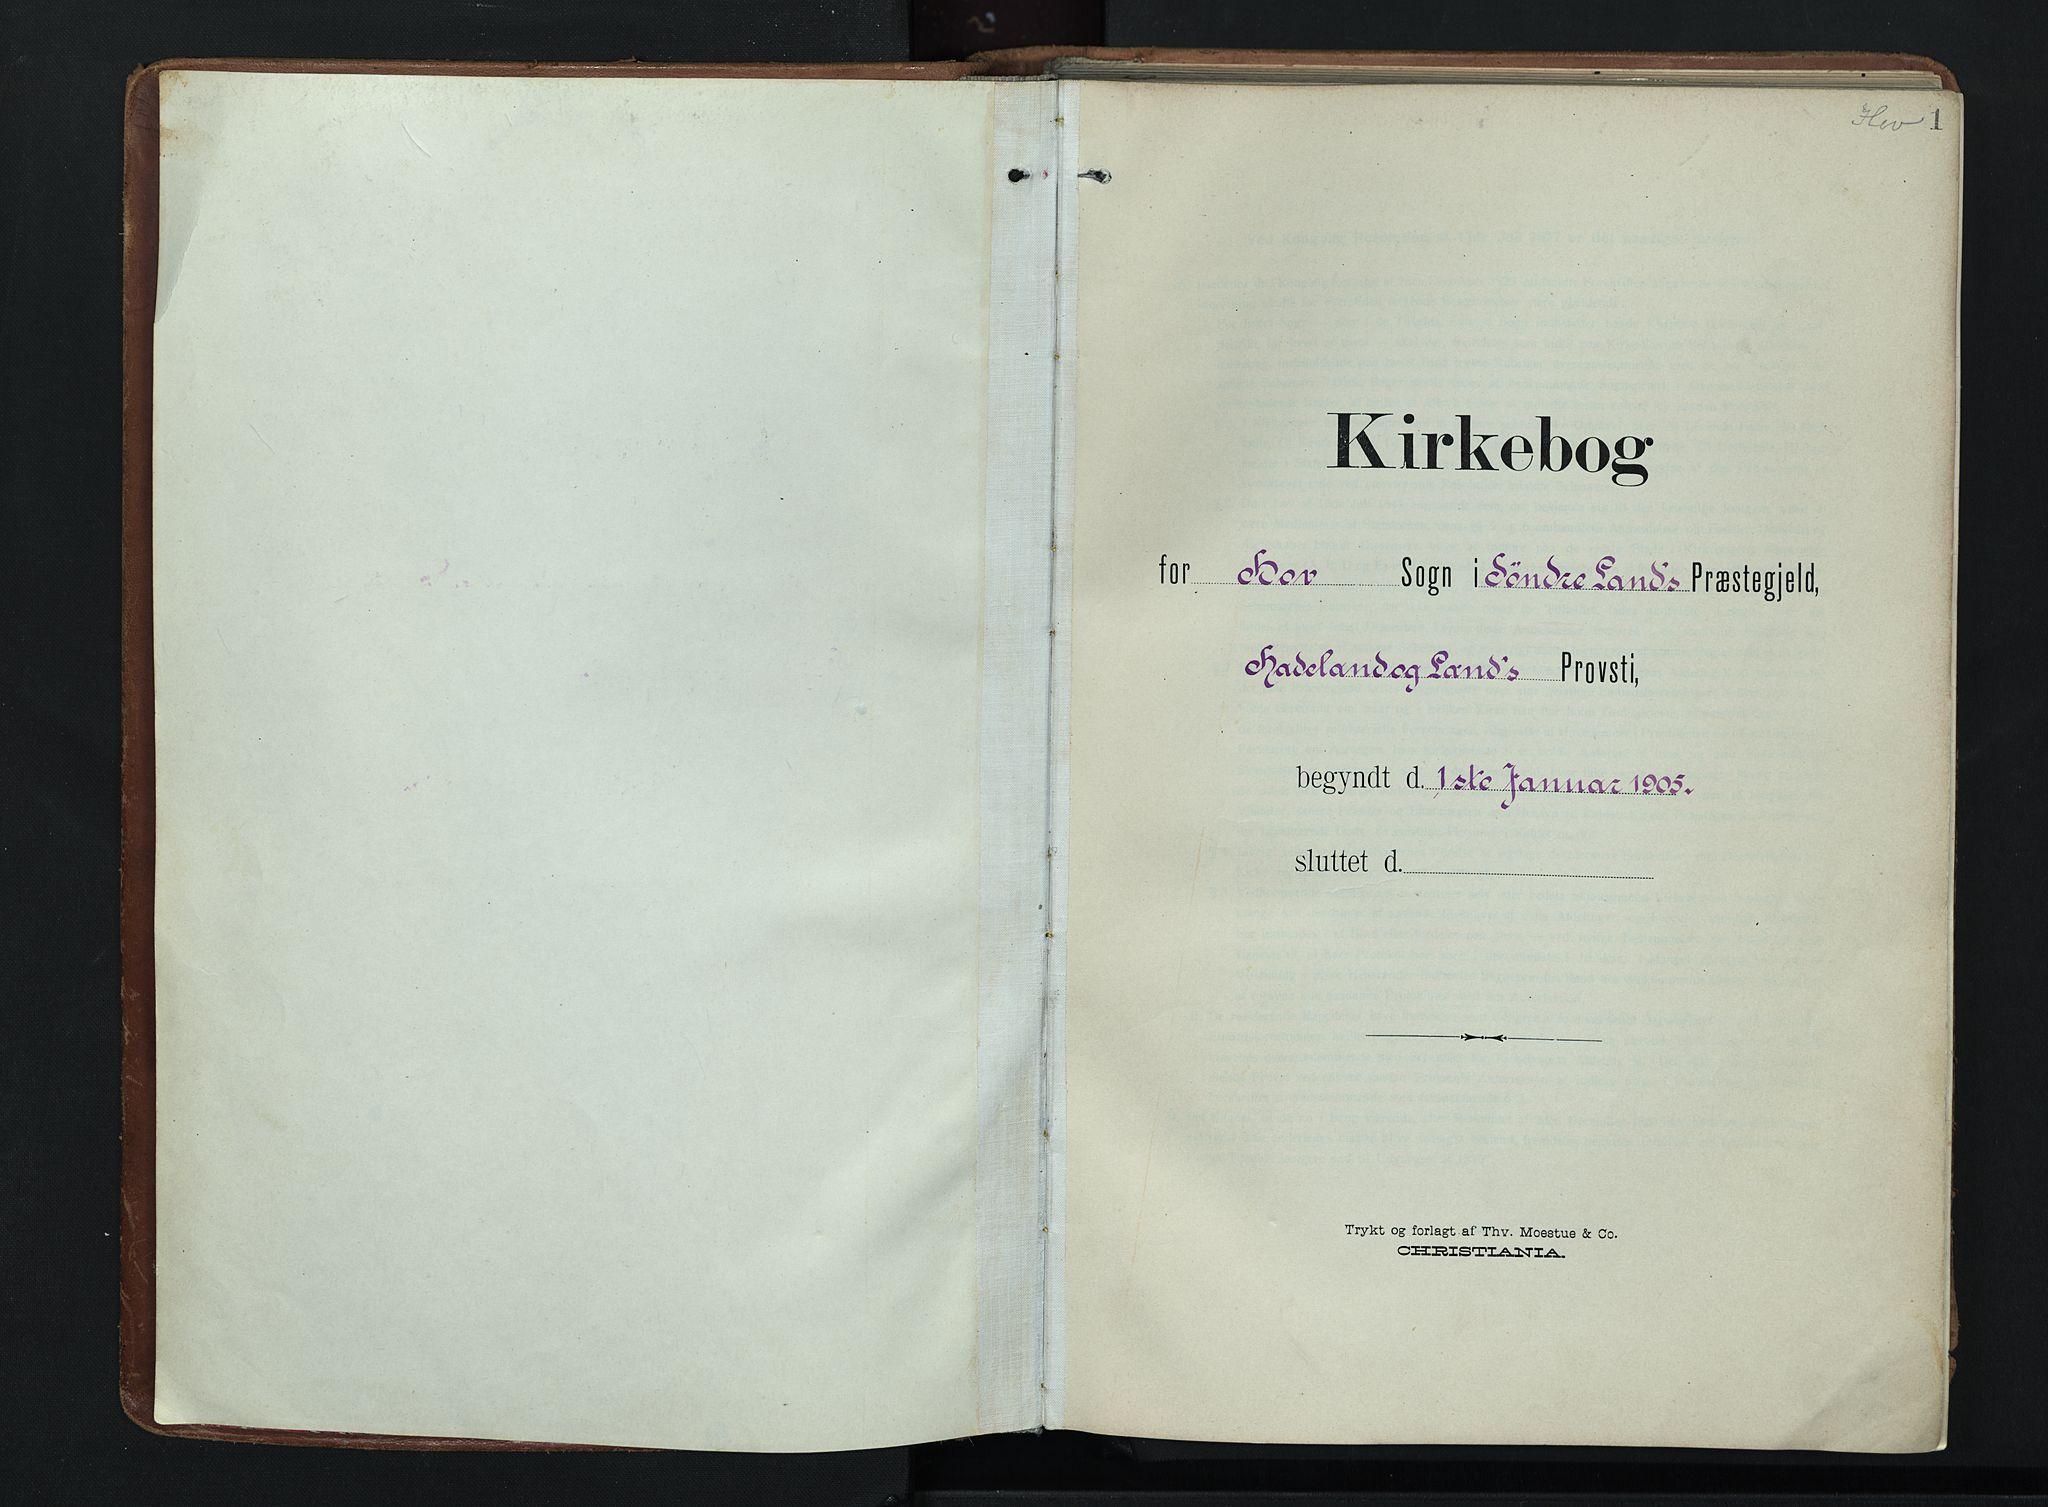 SAH, Søndre Land prestekontor, K/L0007: Ministerialbok nr. 7, 1905-1914, s. 1